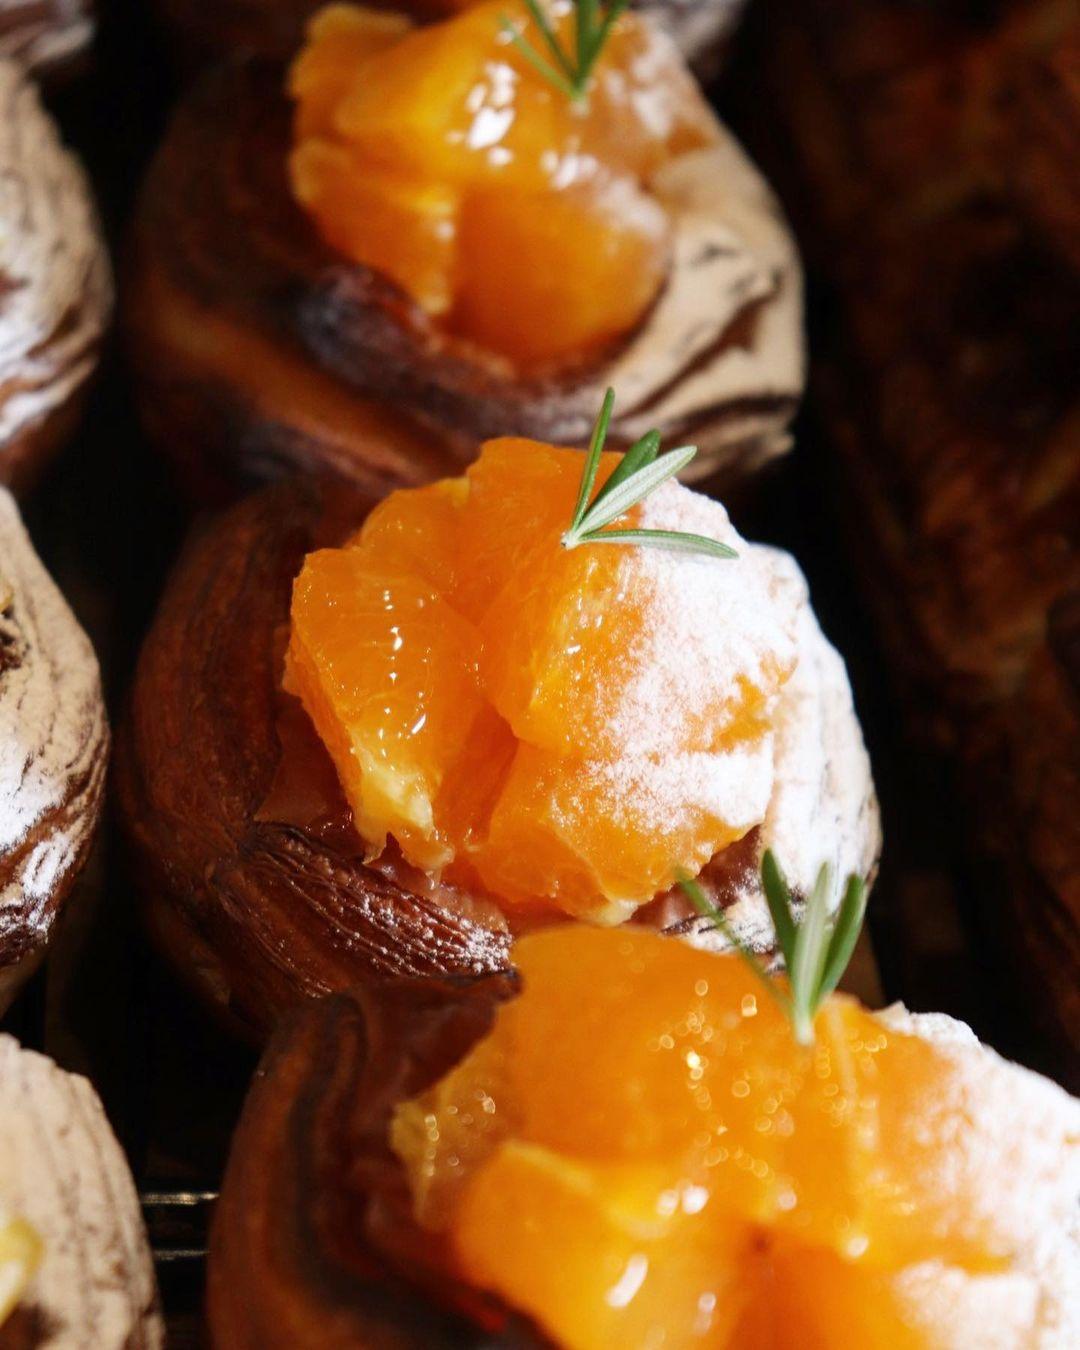 柑橘(バレンシア)のデニッシュ、台湾パインのデニッシュが終了予定となります(2021.07.14)